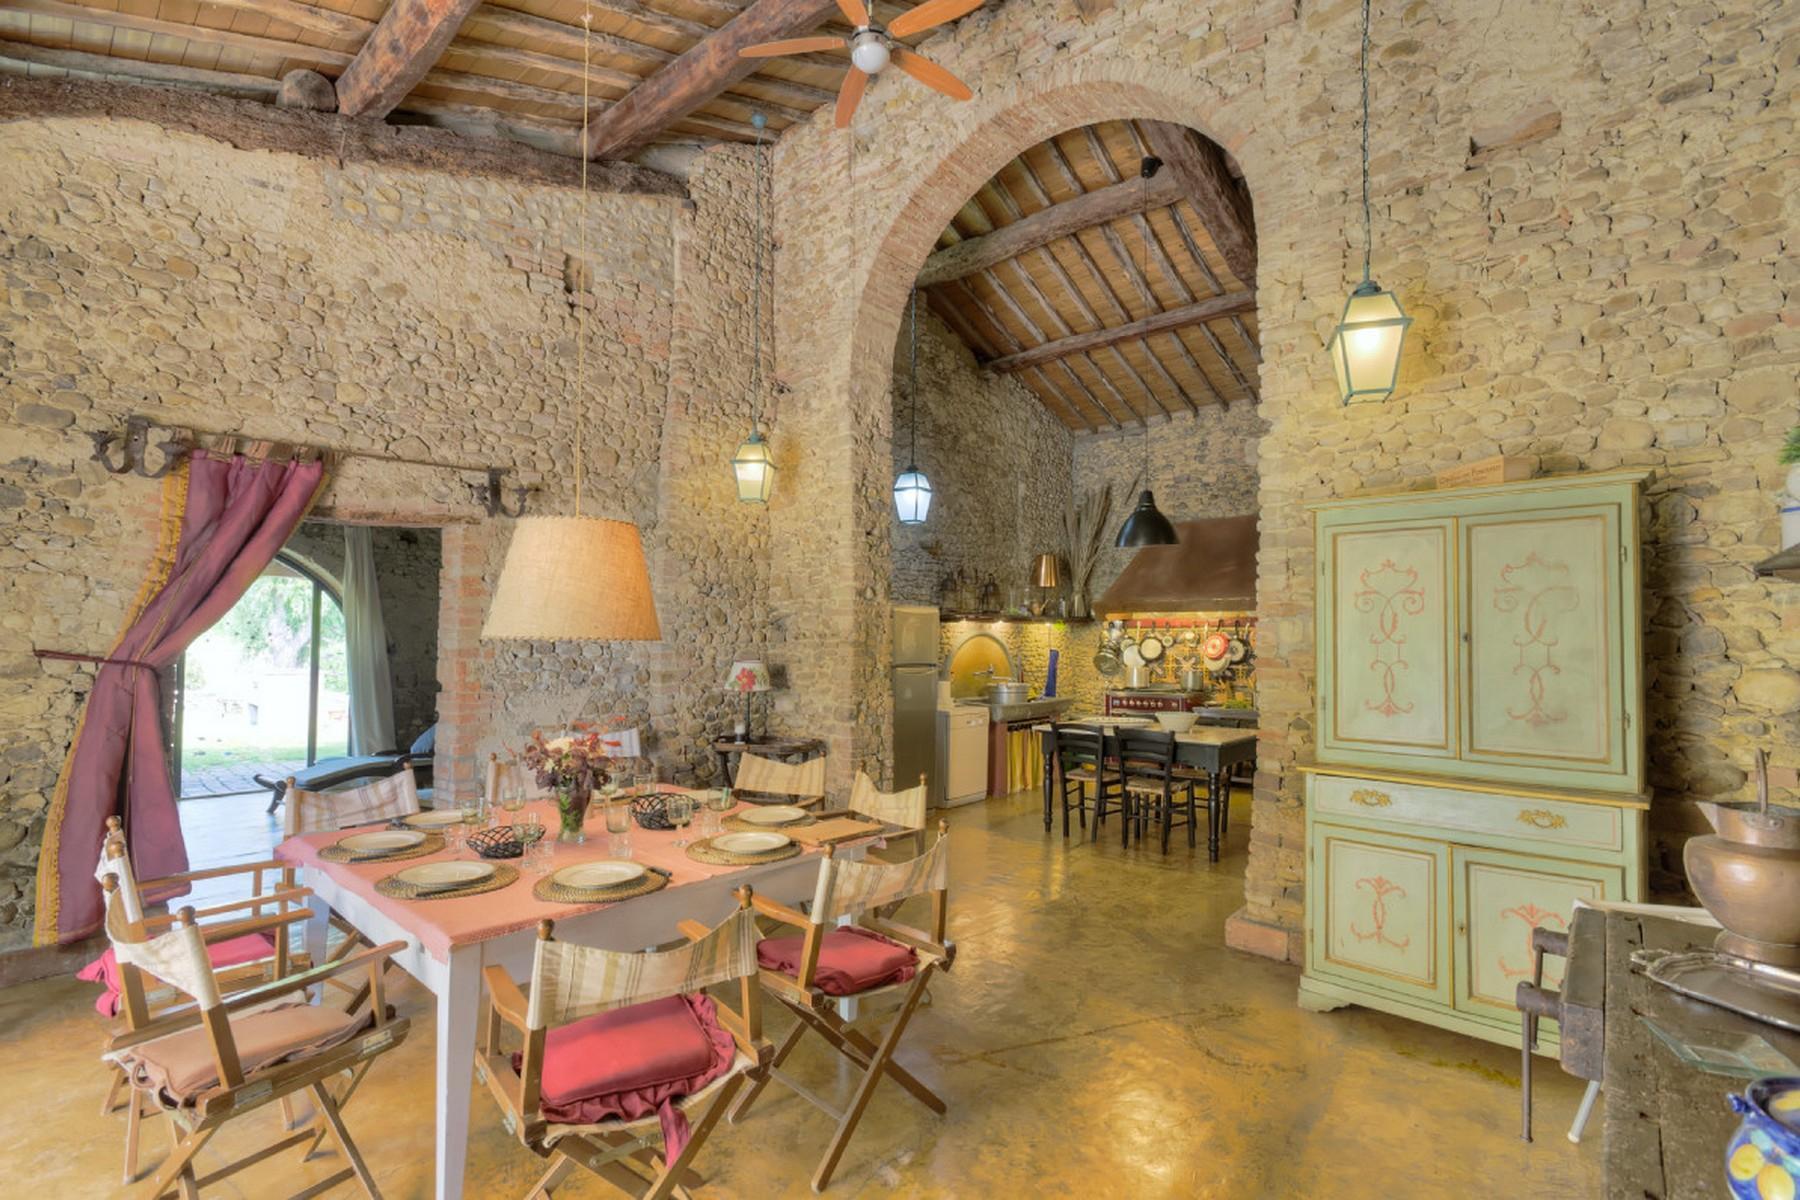 State-of-the-art rustic villa set in Florentine Chianti - 31